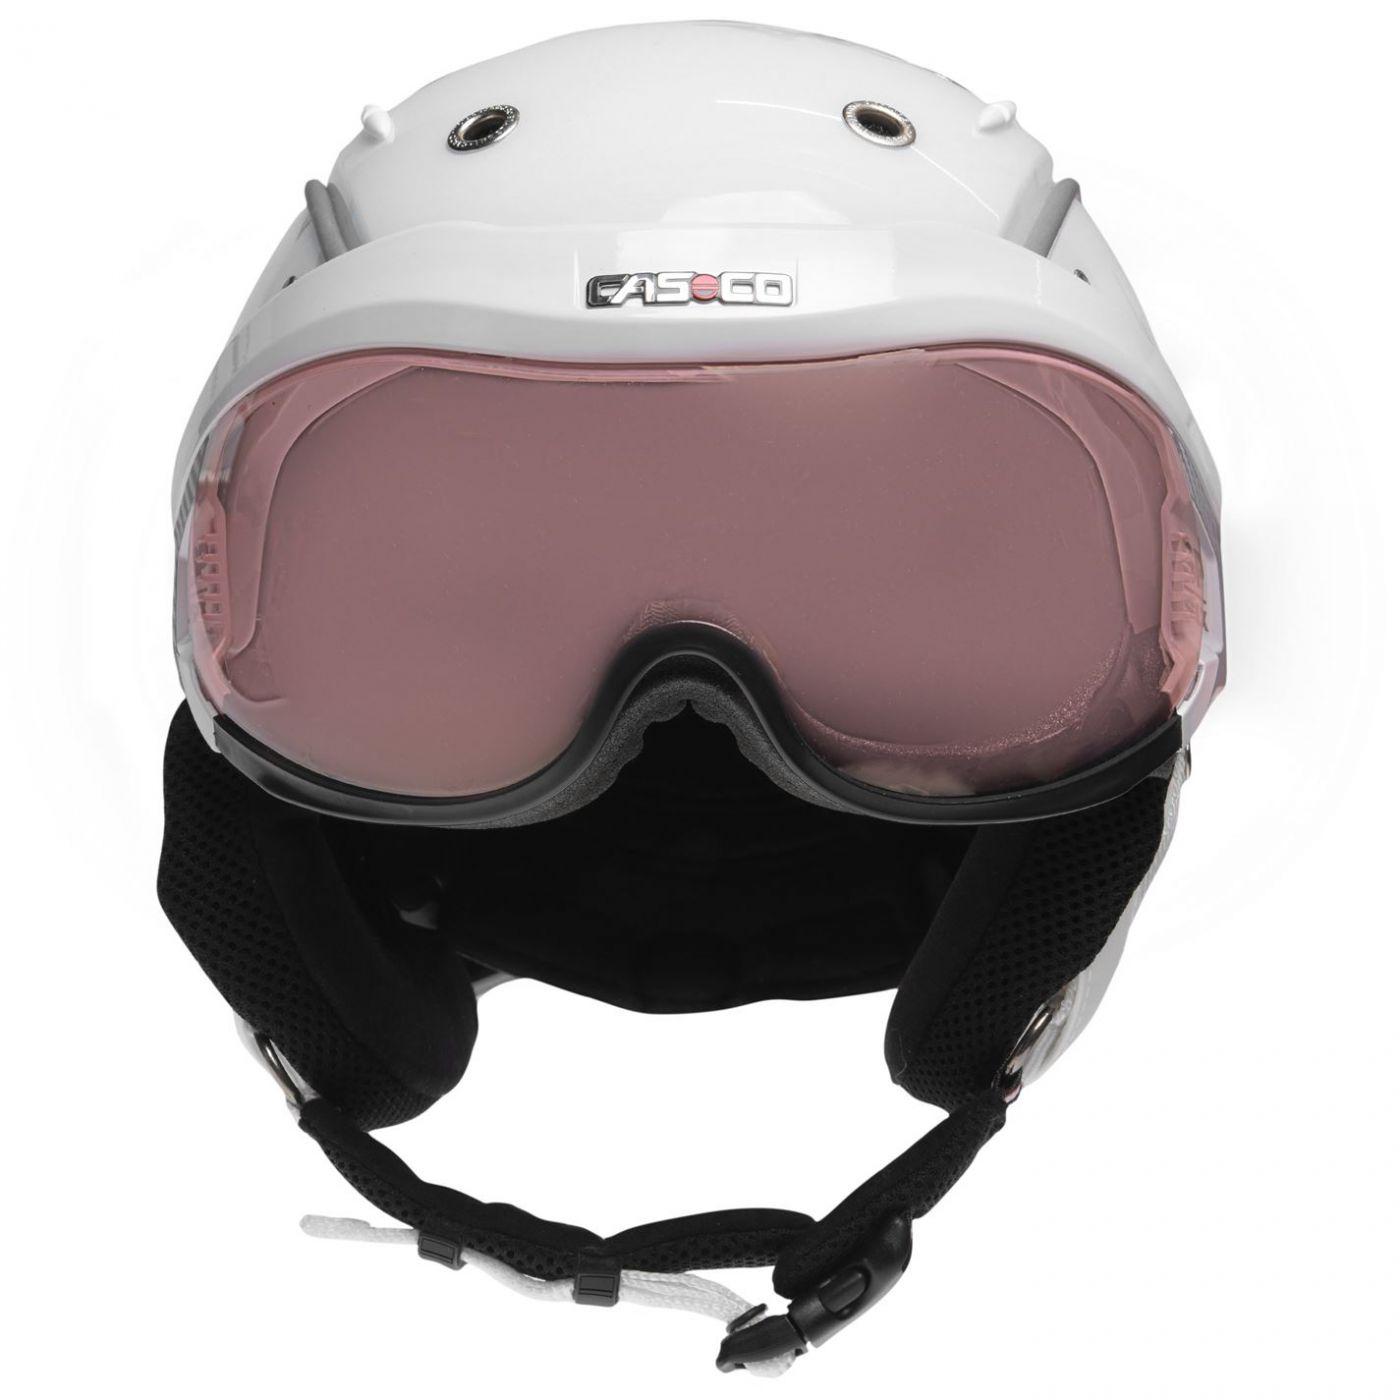 Casco SP6 Visor Ski Helmet